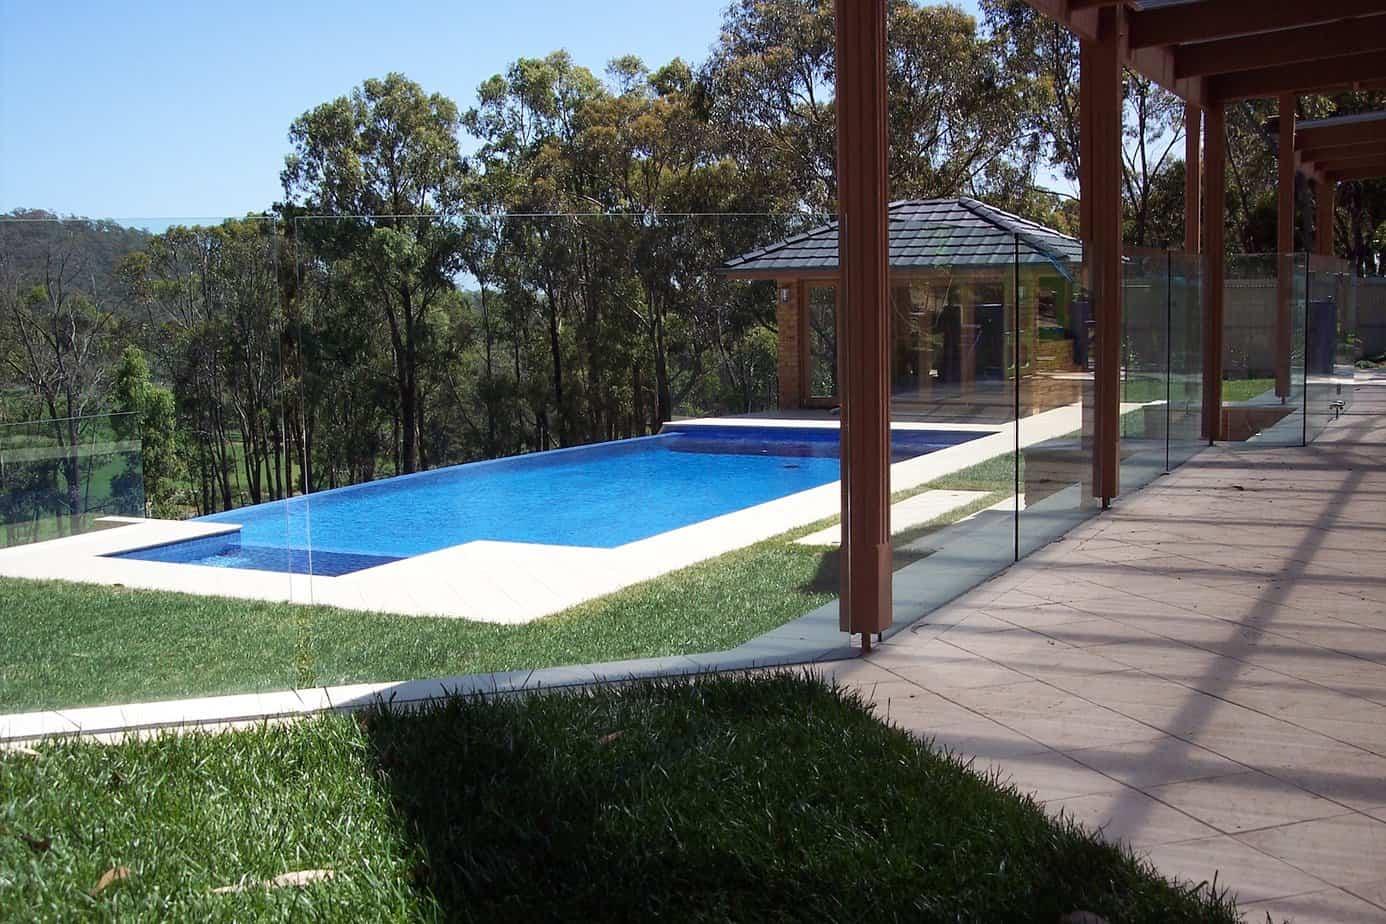 Pool_Fence2